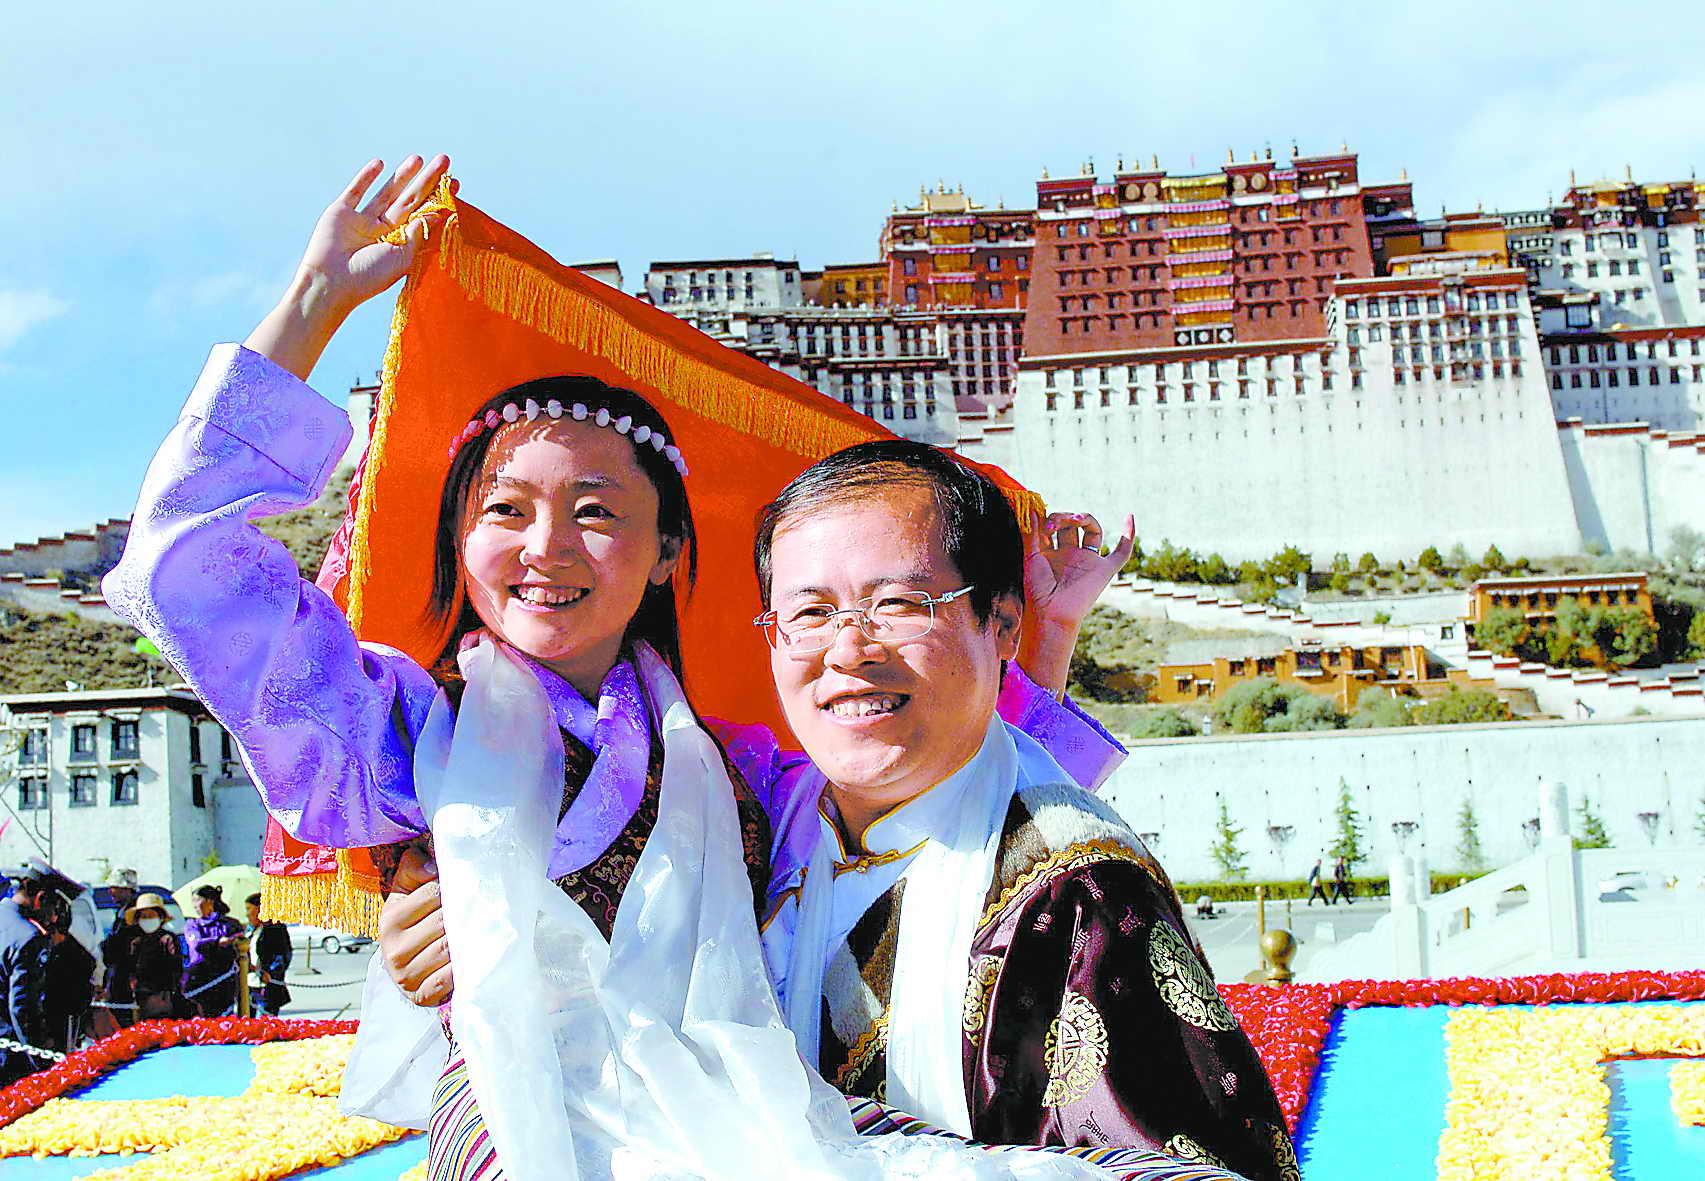 布达拉宫见证39对新人的婚礼(图)